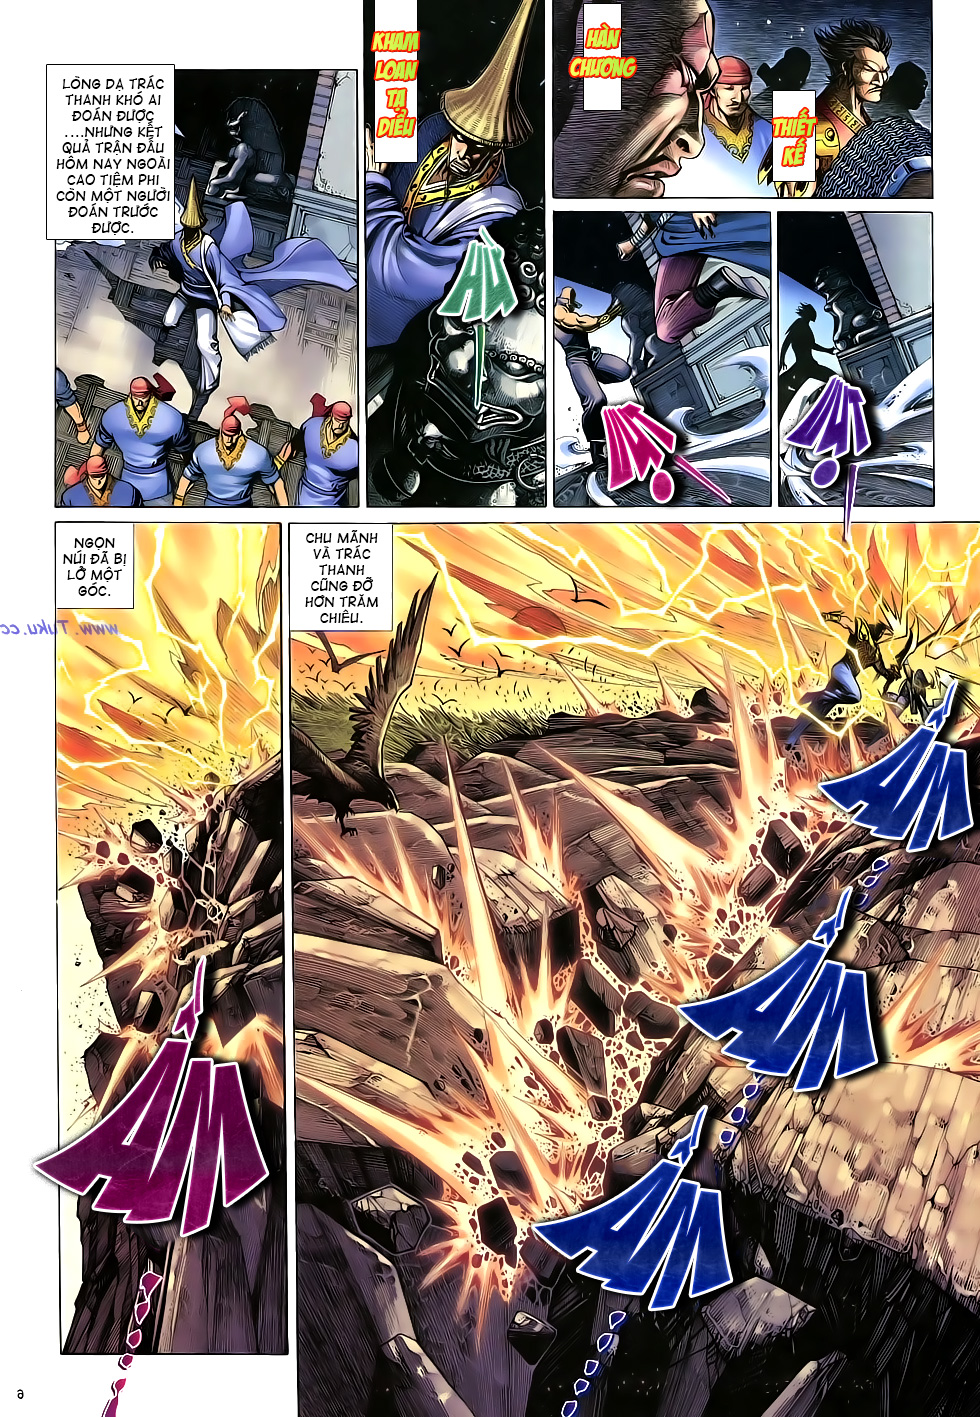 Anh hùng vô lệ Chap 16: Kiếm túy sư cuồng bất lưu đấu  trang 7